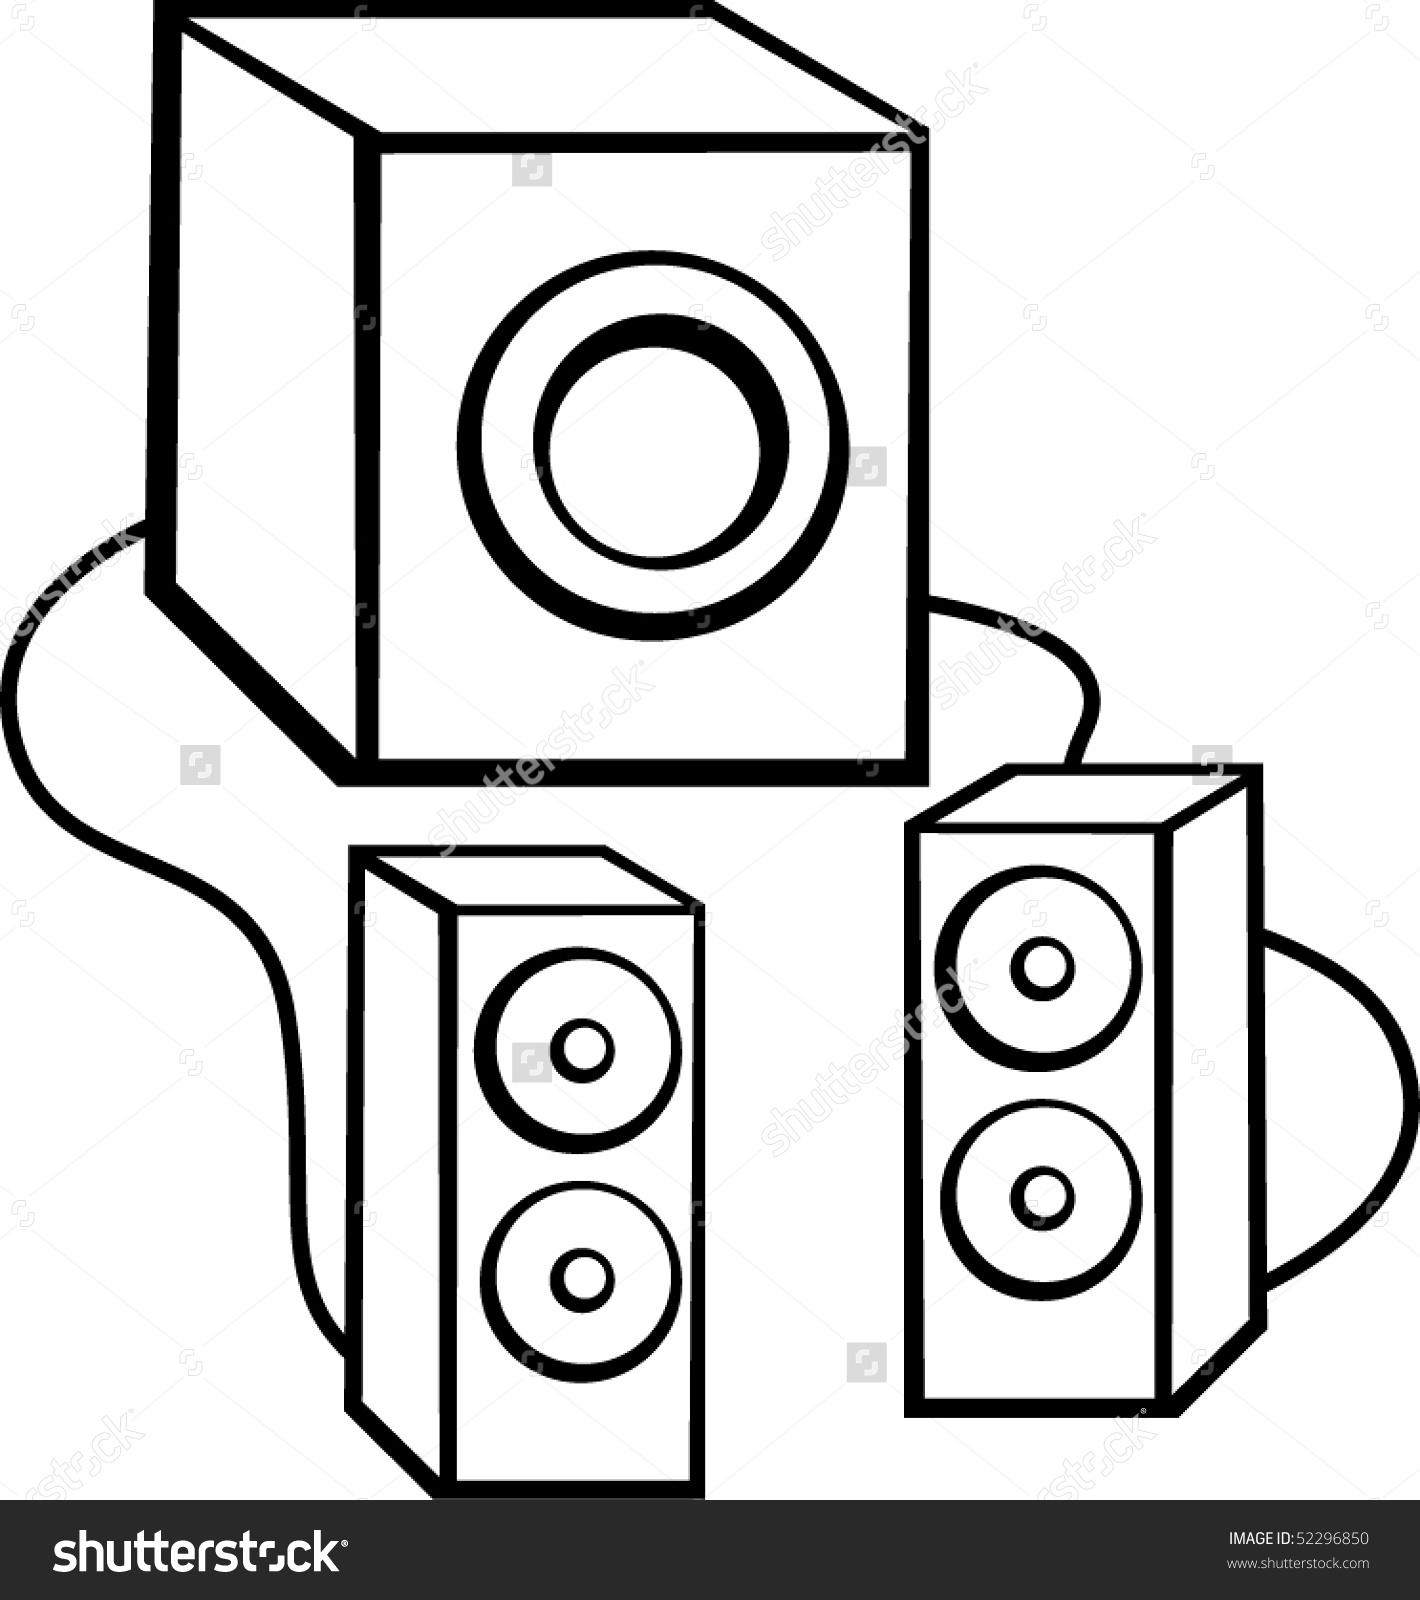 White speaker clipart vector transparent download Speakers Clipart | Free download best Speakers Clipart on ... vector transparent download